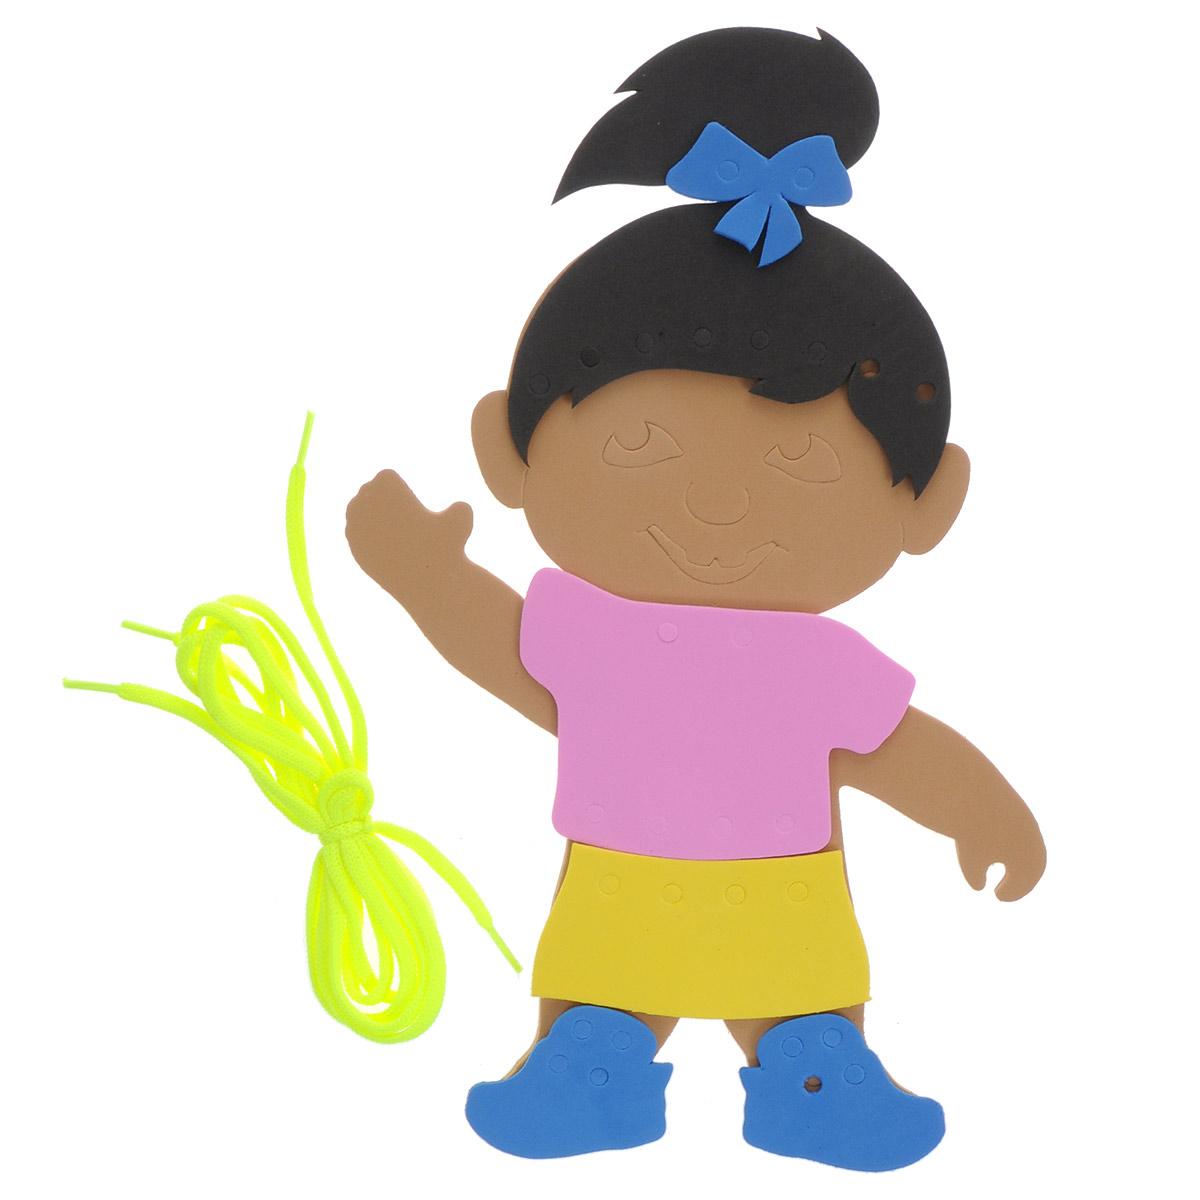 Игра-шнуровка Фантазер Девочка103004С мягким конструктором Фантазер Девочка ваш малыш будет часами занят игрой. Набор включает 8 фигур разных форм, шнурок. Все элементы выполнены из мягкого, травмобезопасного и экологичного полимерного материала. Особый материал дает юному конструктору новые удивительные возможности в игре: гнется, но не ломается, детали всегда можно состыковывать. Серия Шнуровка развивает воображение и пространственное мышление. Безопасен для всех - по нему можно даже ходить босиком и брать с собой в ванну.